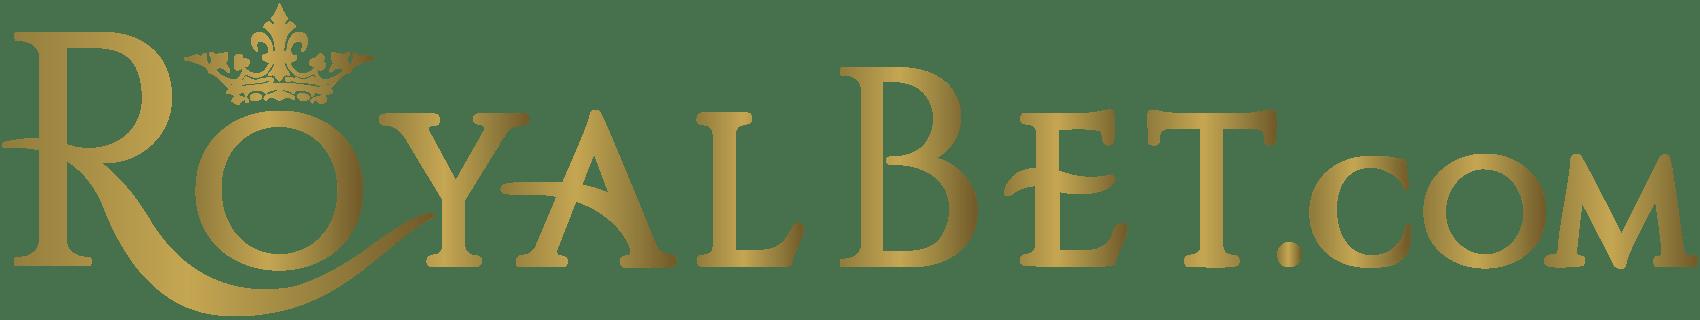 RoyalBet.com logo